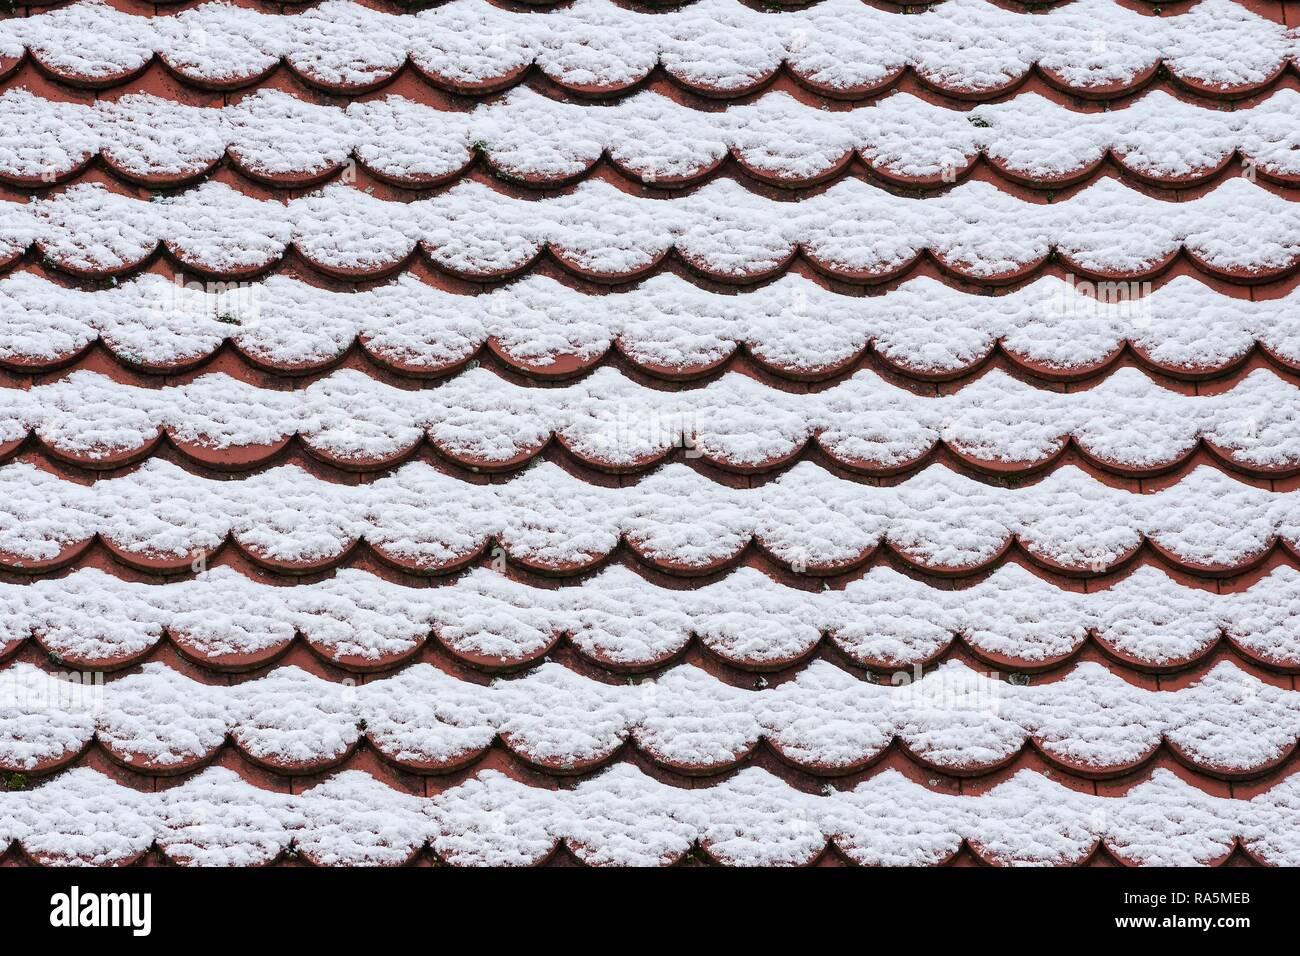 Coperte di neve tegole del tetto, pianura piastrella, Monaco di Baviera, Baviera, Baviera, Germania Immagini Stock